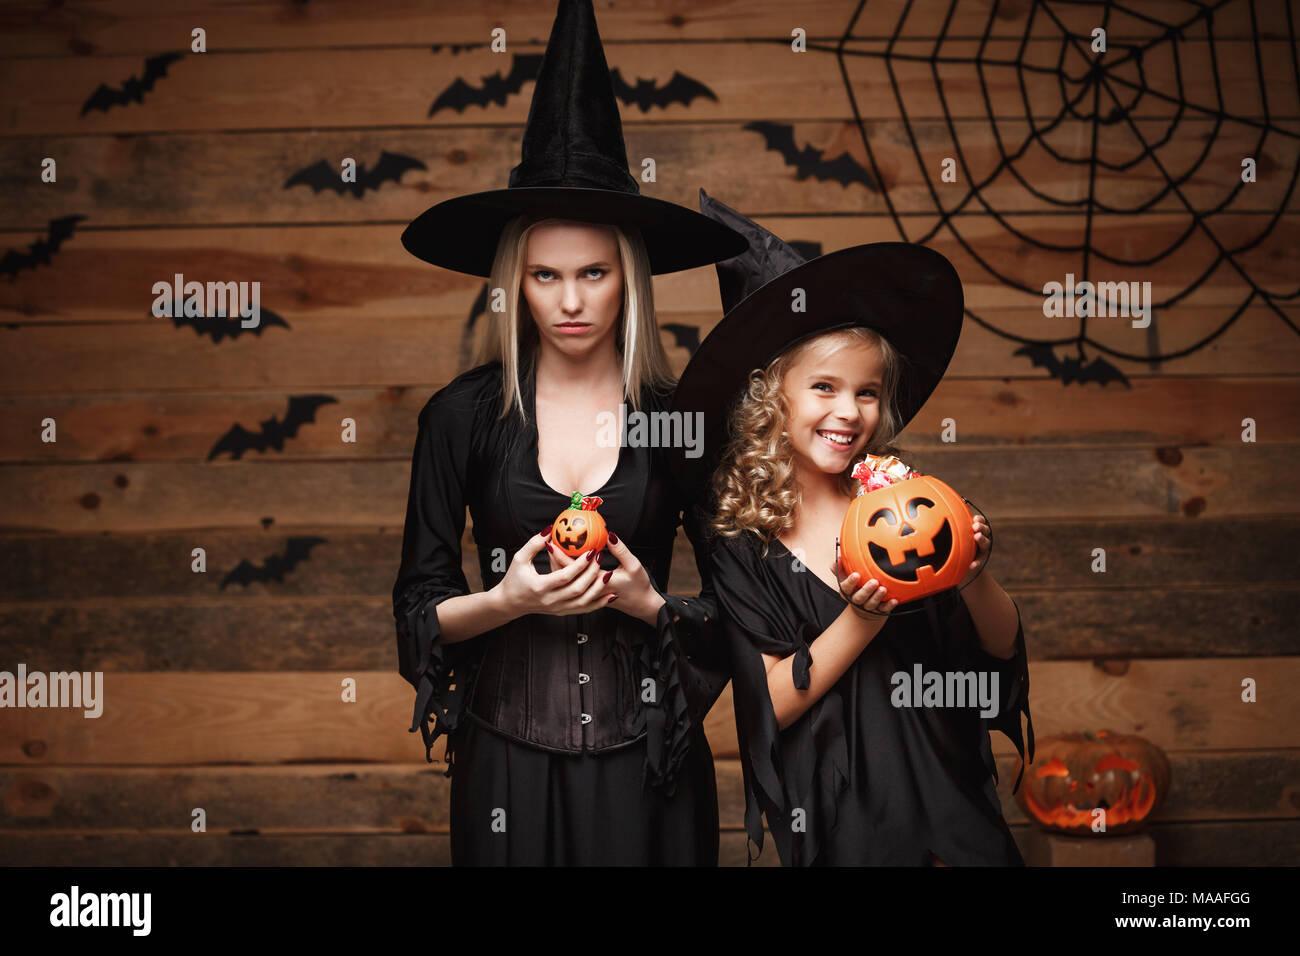 Witch Lollipop Stockfotos & Witch Lollipop Bilder - Alamy